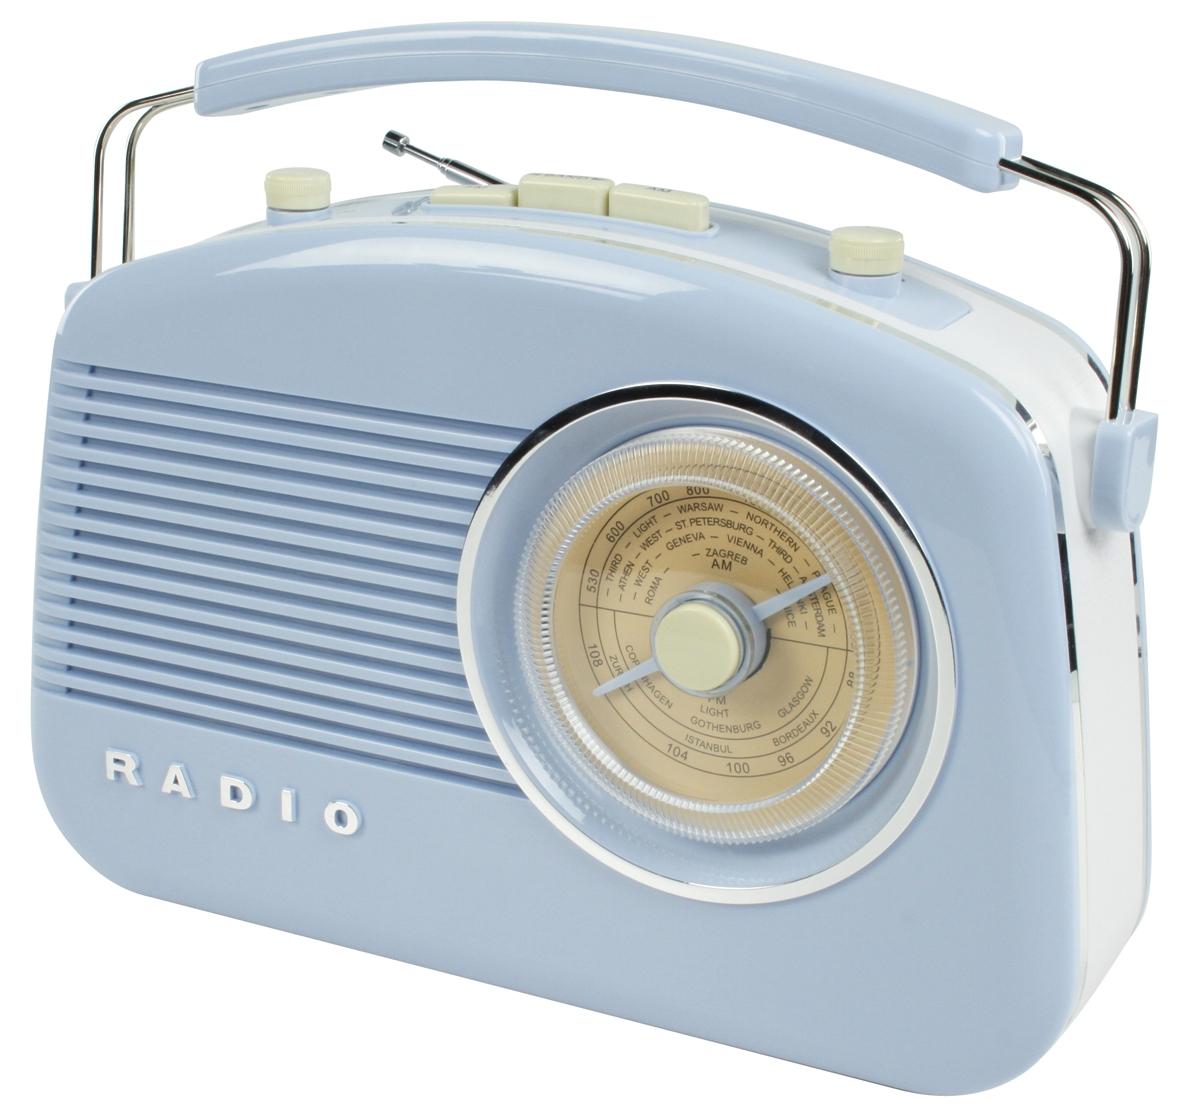 Retró rádió, világos kék színű, König HAV-TR710BE